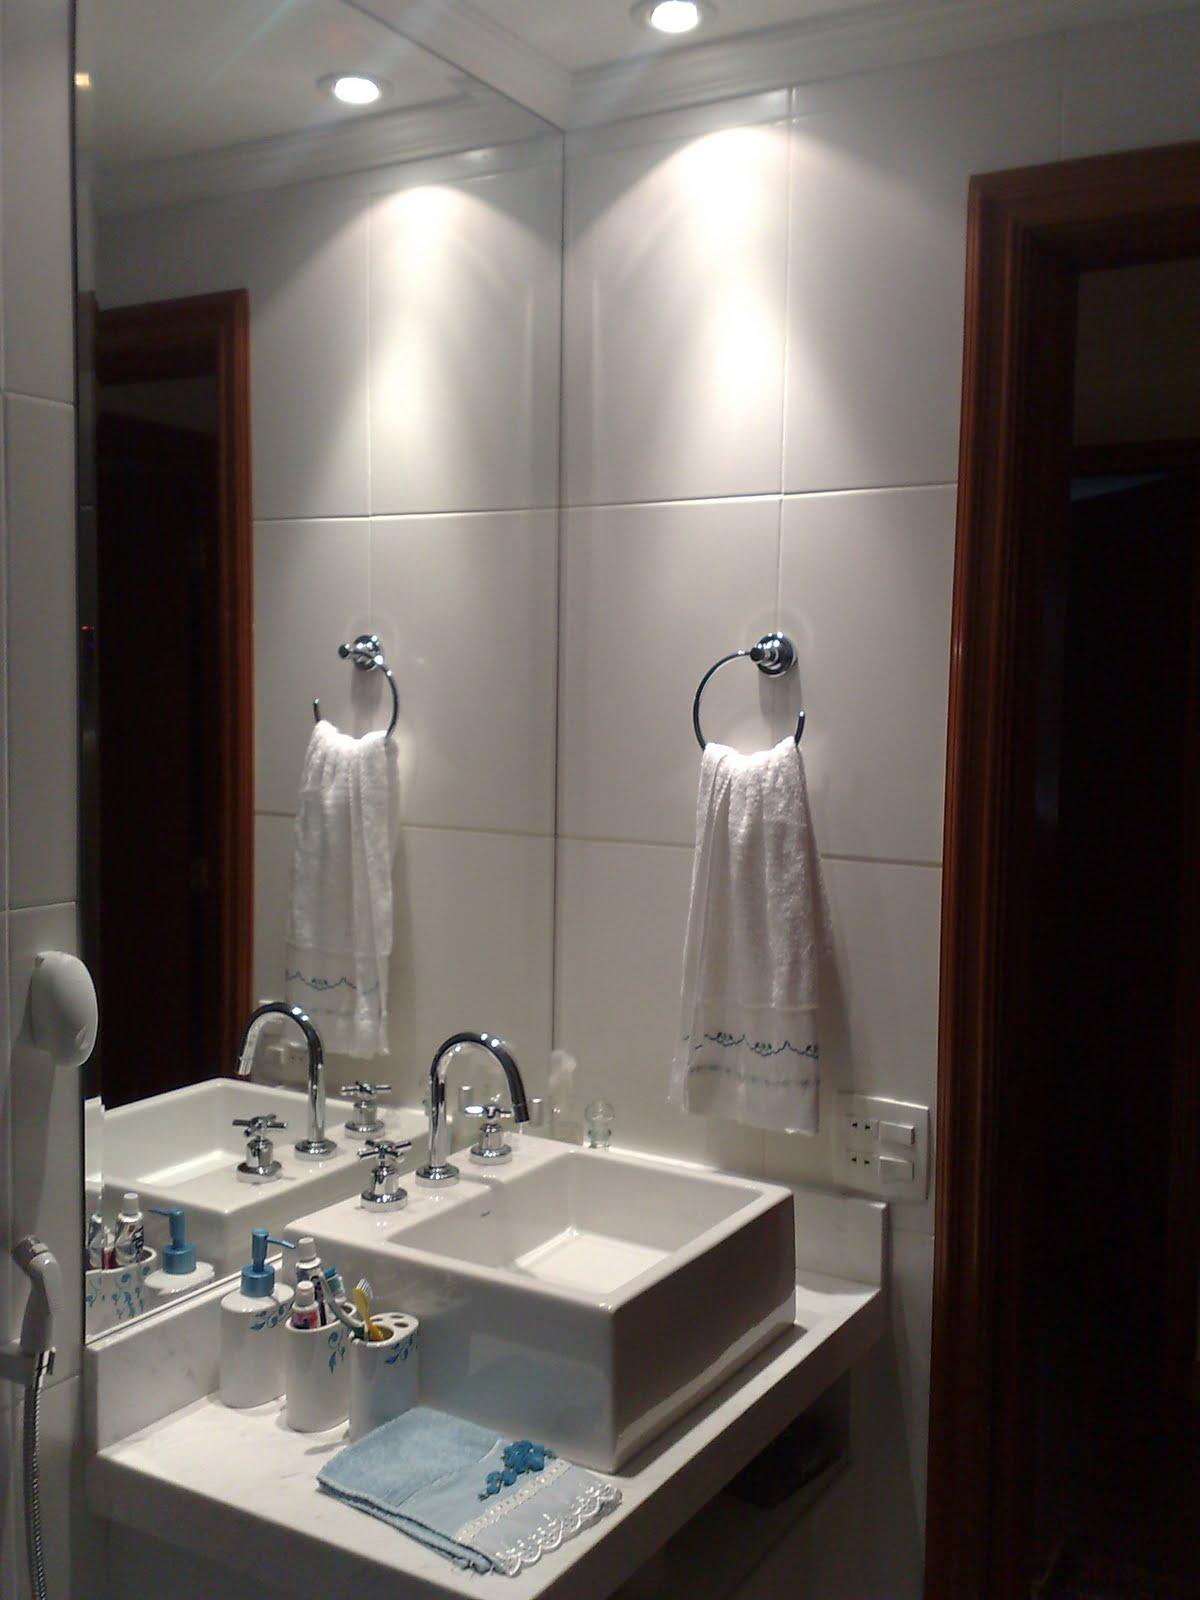 para banheiros confira fotos de iluminações para banheiros voltar #1F1714 1200 1600